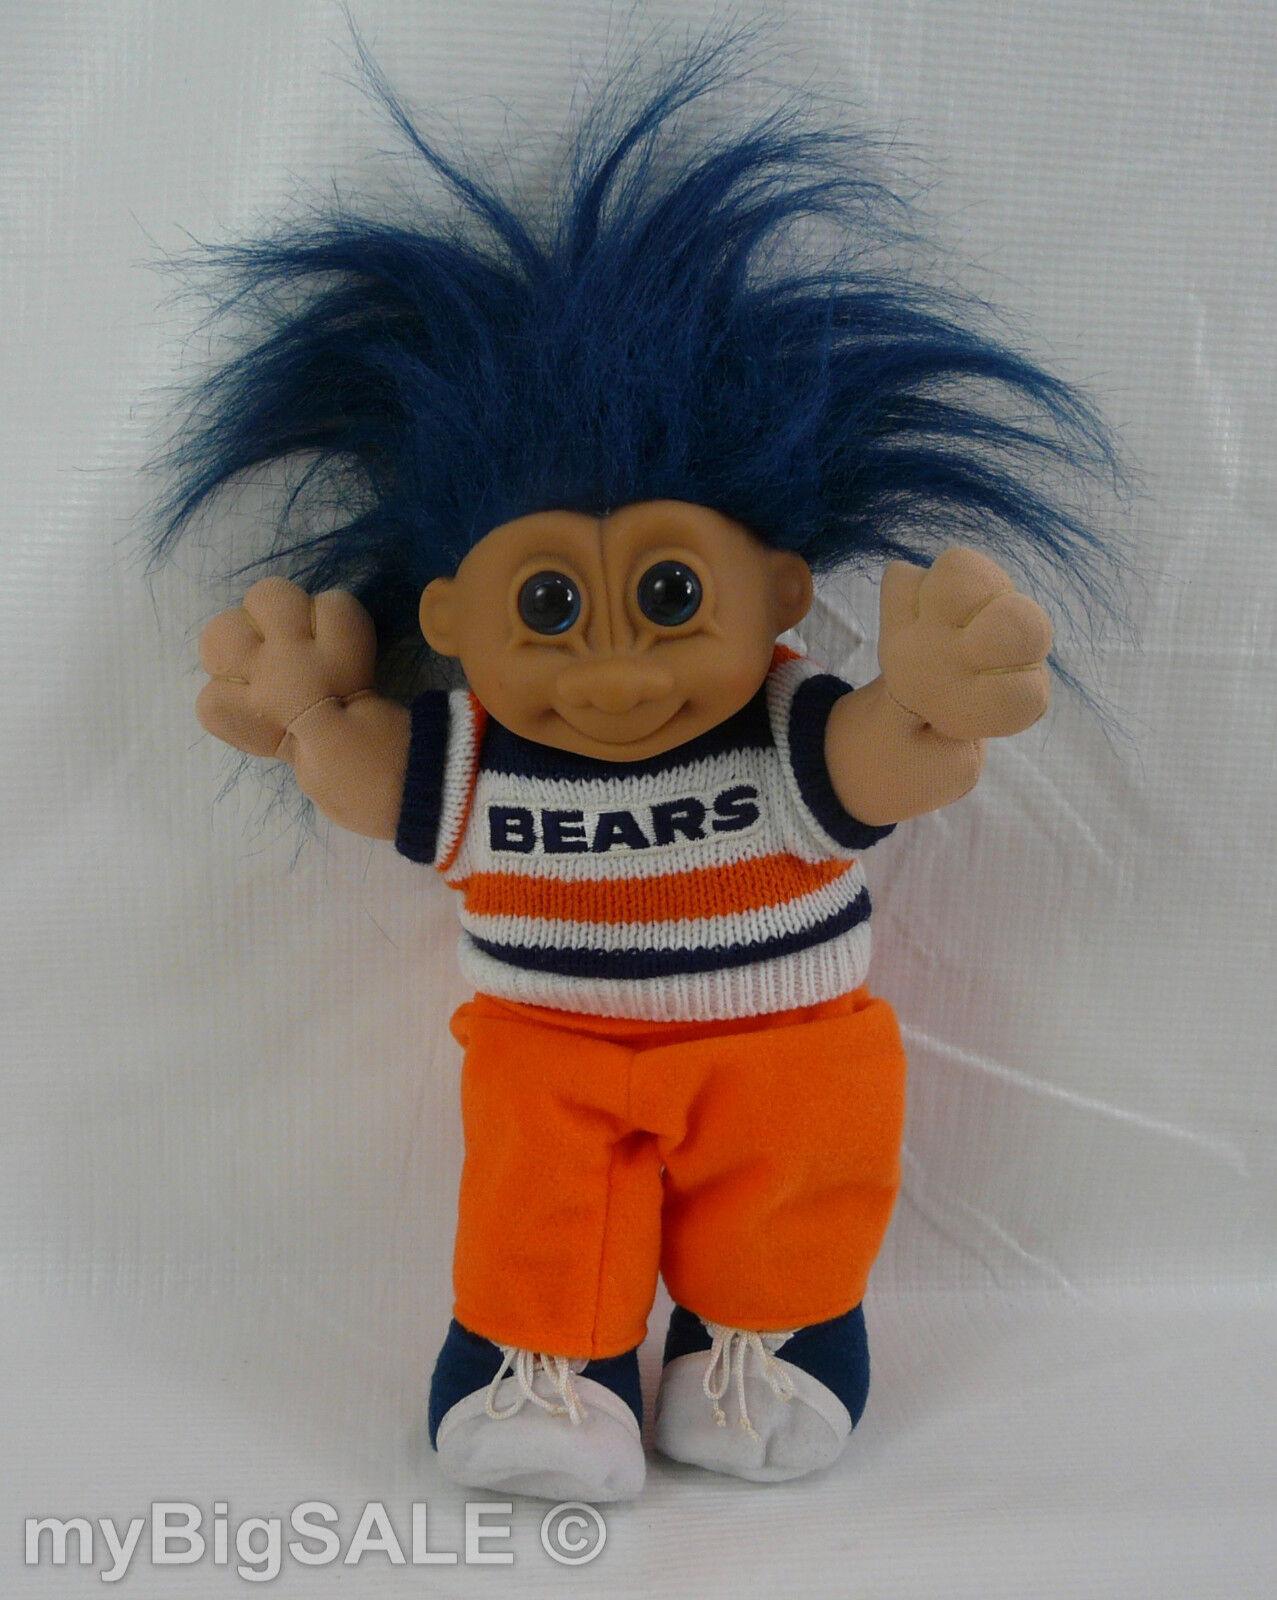 NFL Chicago Bears Troll Russ Good Luck Plush Body Vinyl Head Blue Hair 9.5 VTG - $16.95